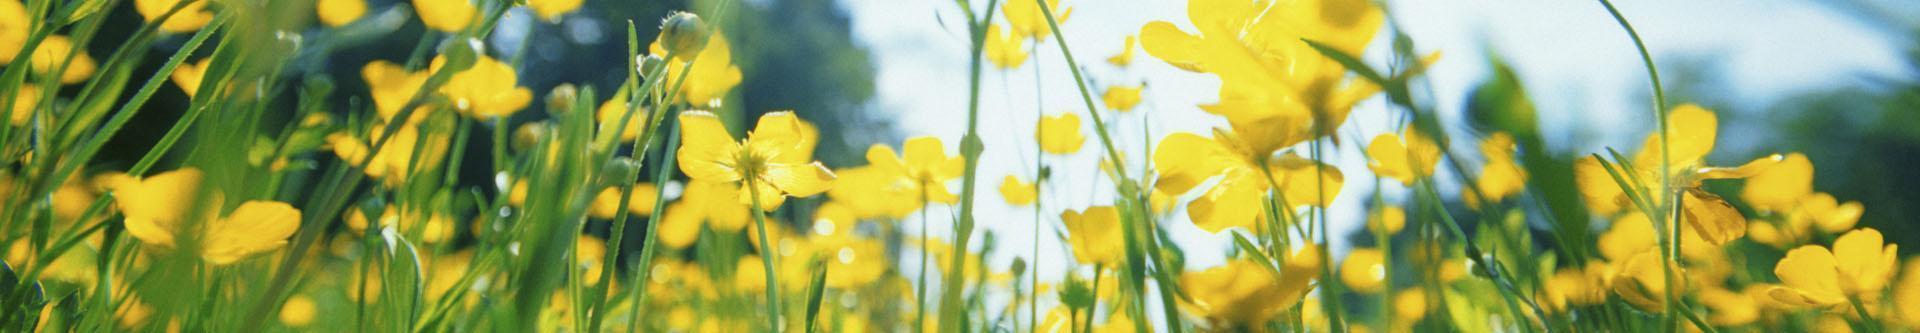 Żółte jaskry polne